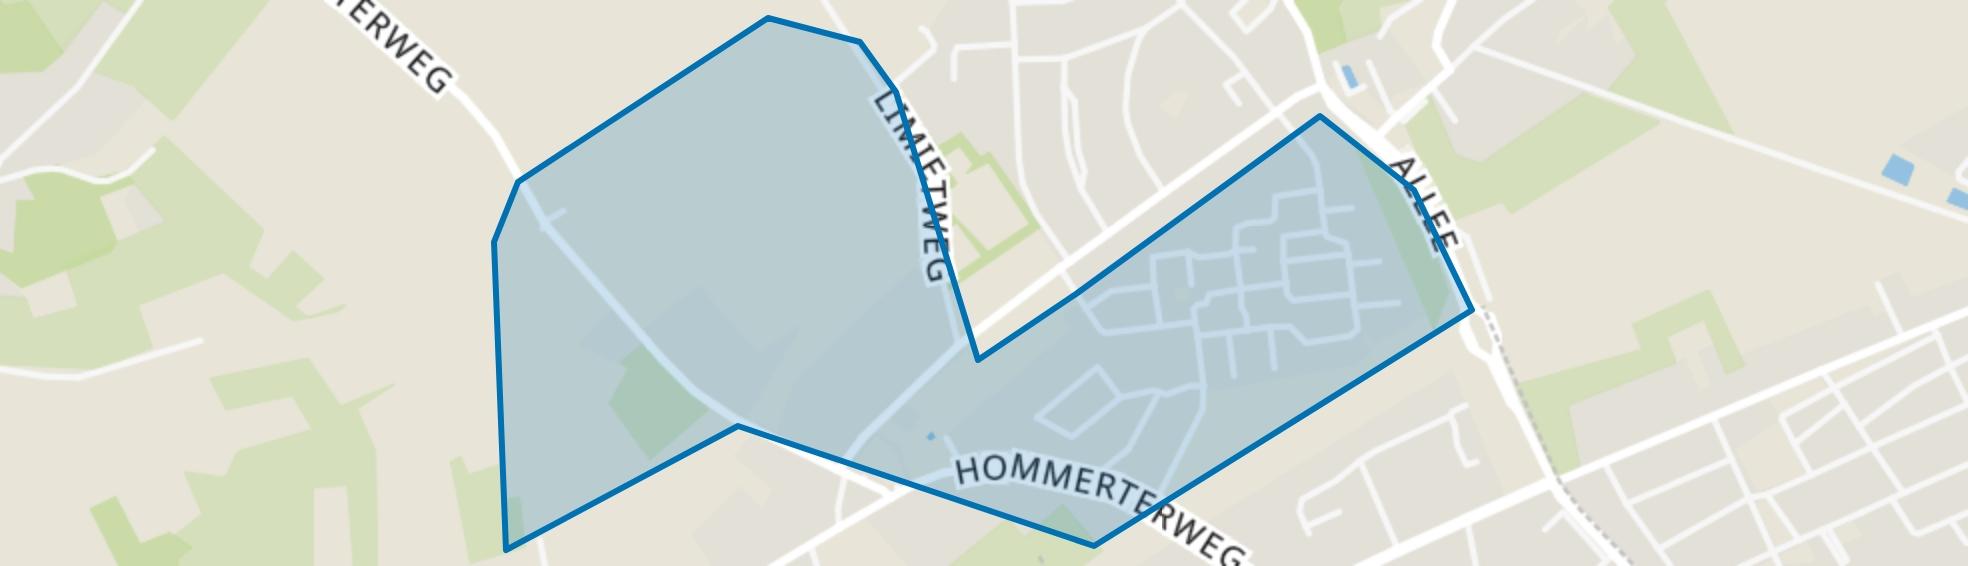 Hommert (gedeeltelijk), Schinnen map